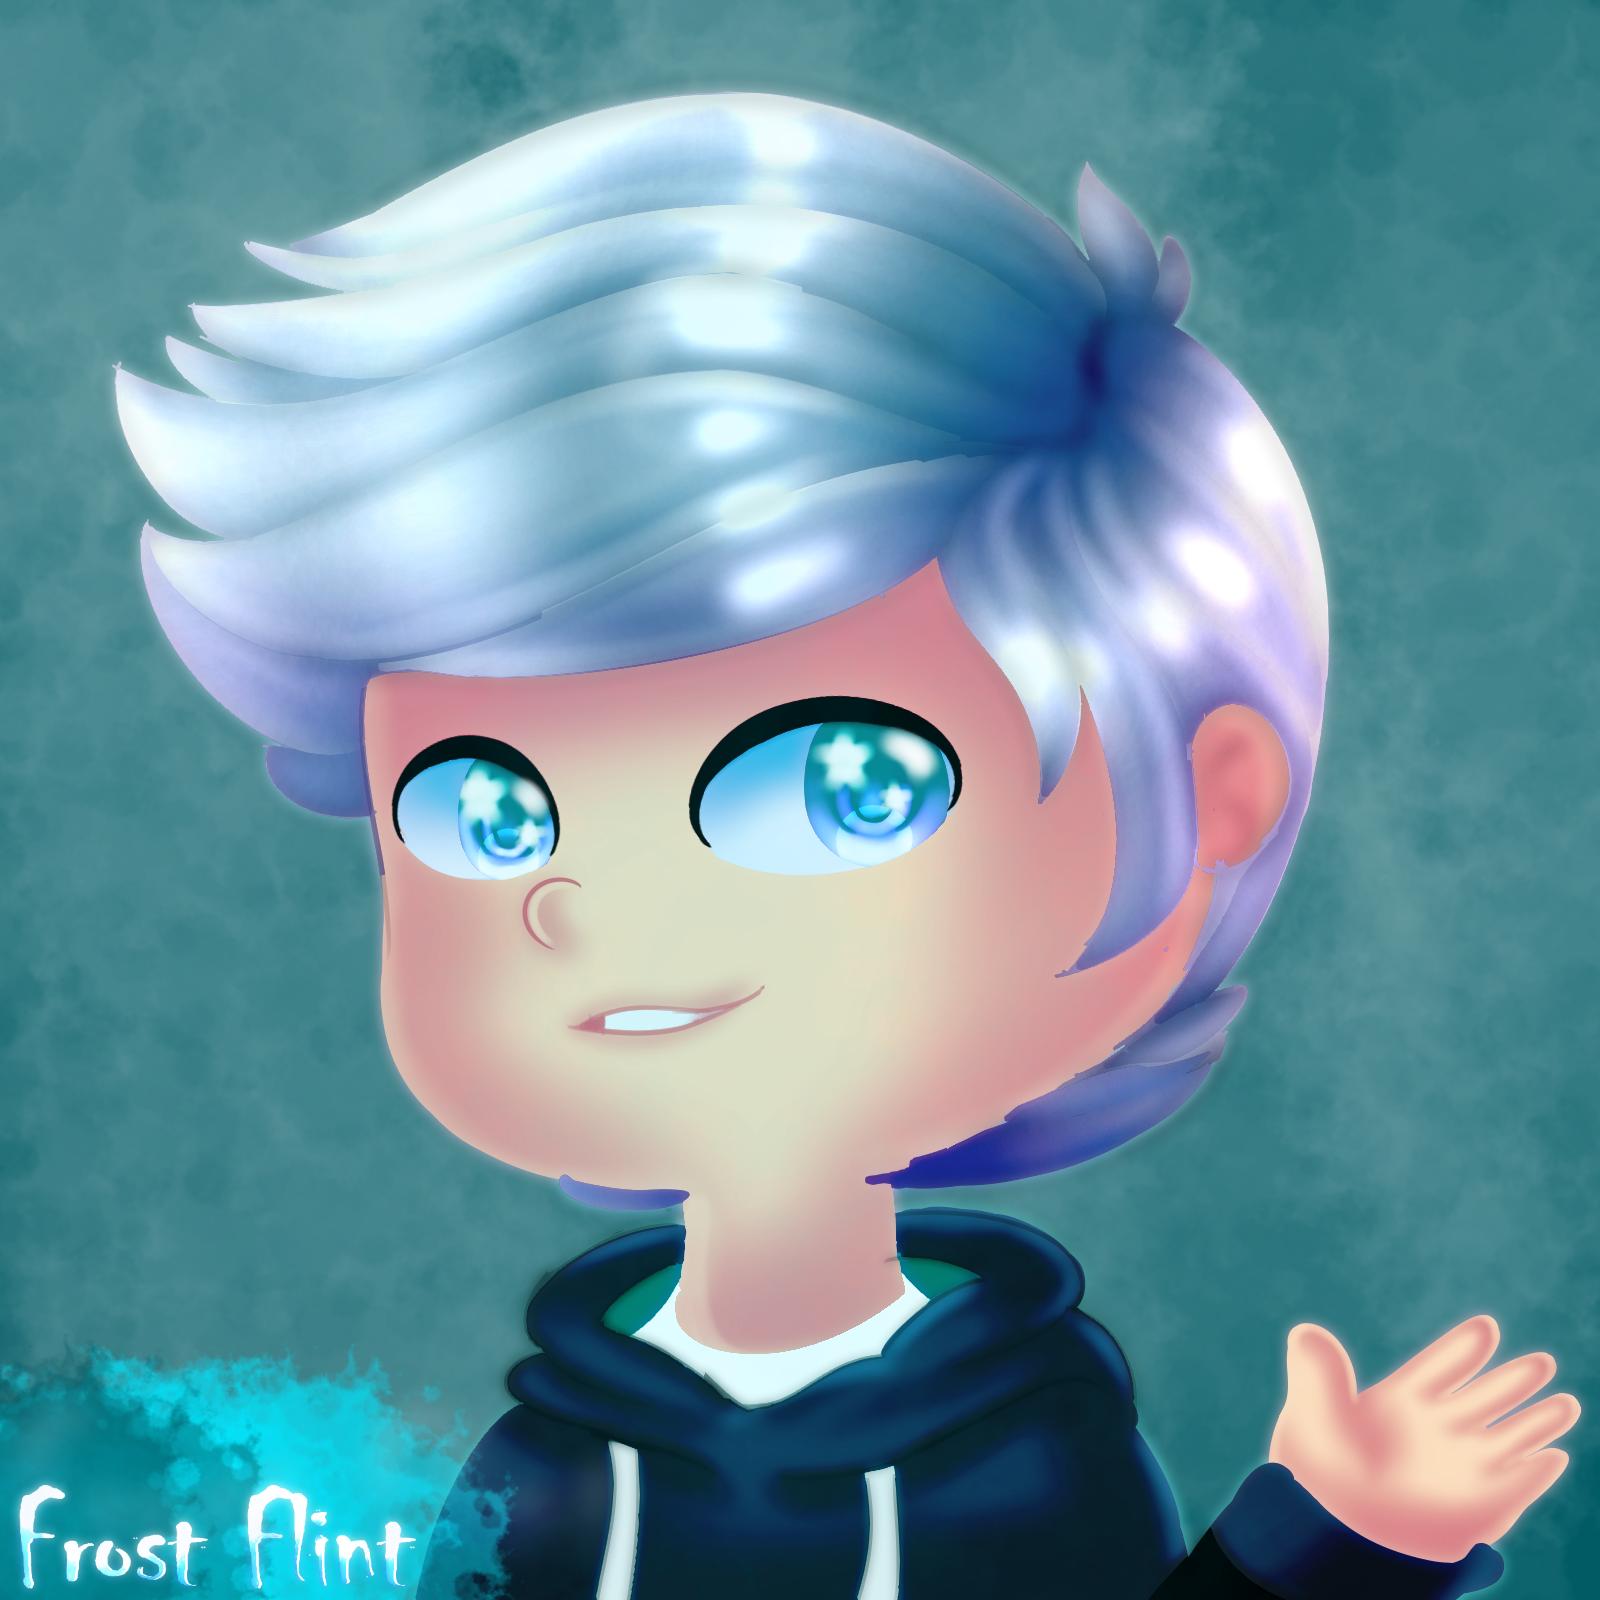 Frost Flint